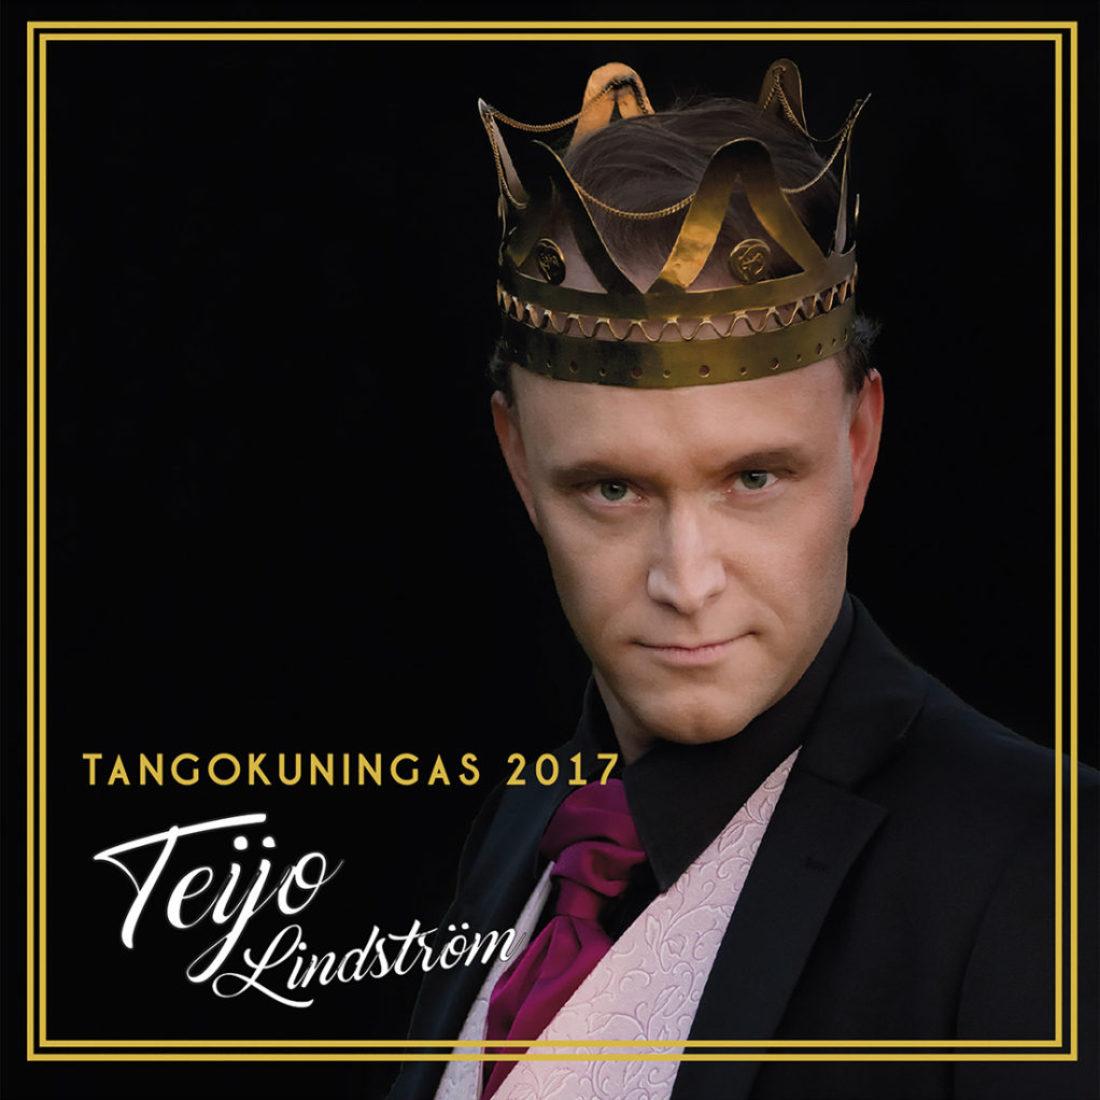 Tangokuningas2017_kansikuvaKauppaan